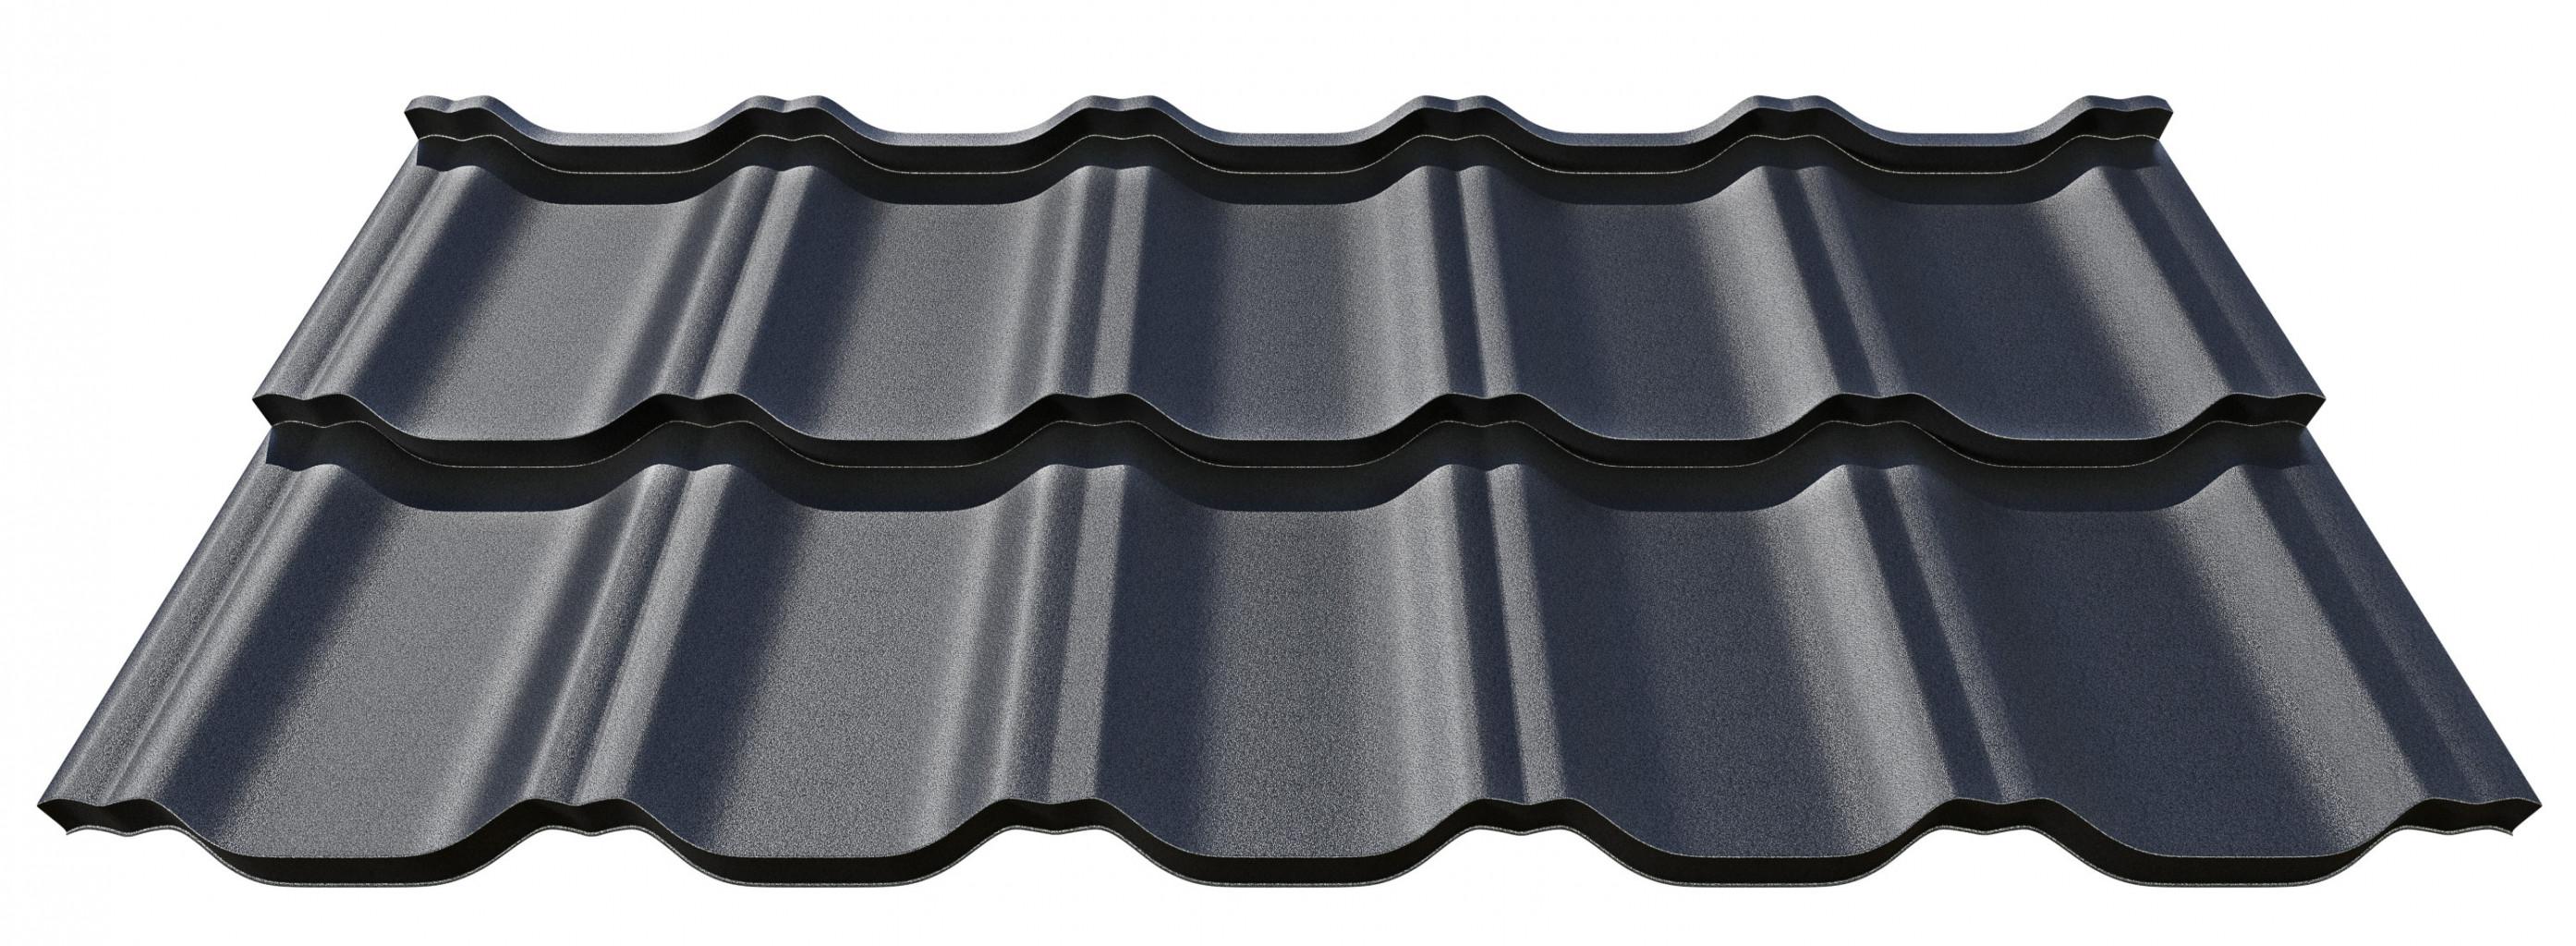 DachHolding blachprofil2  Klasyczne dachówki blaszane Zet R